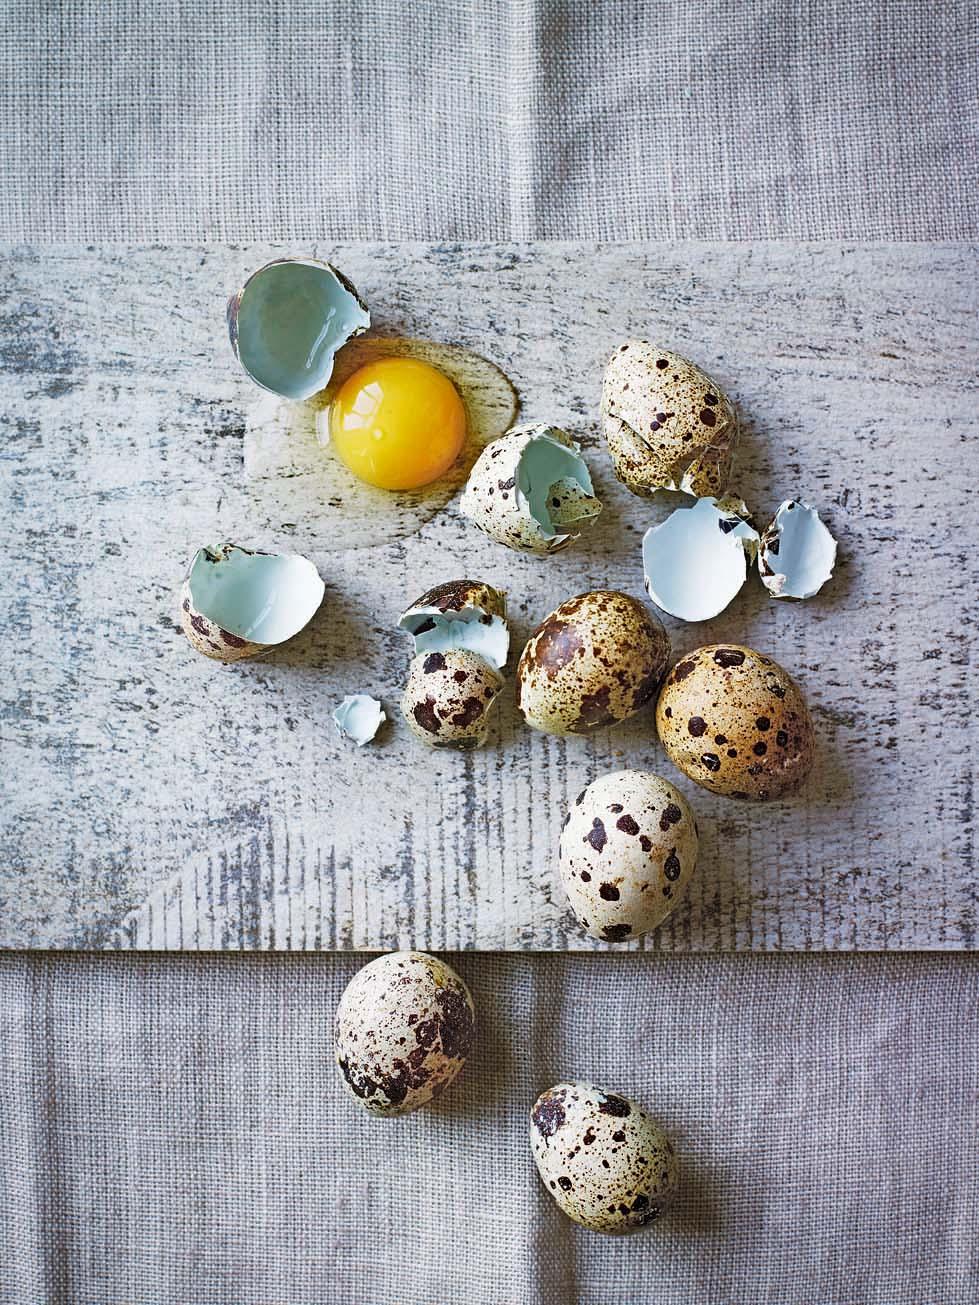 140117_005_Eggs.jpg